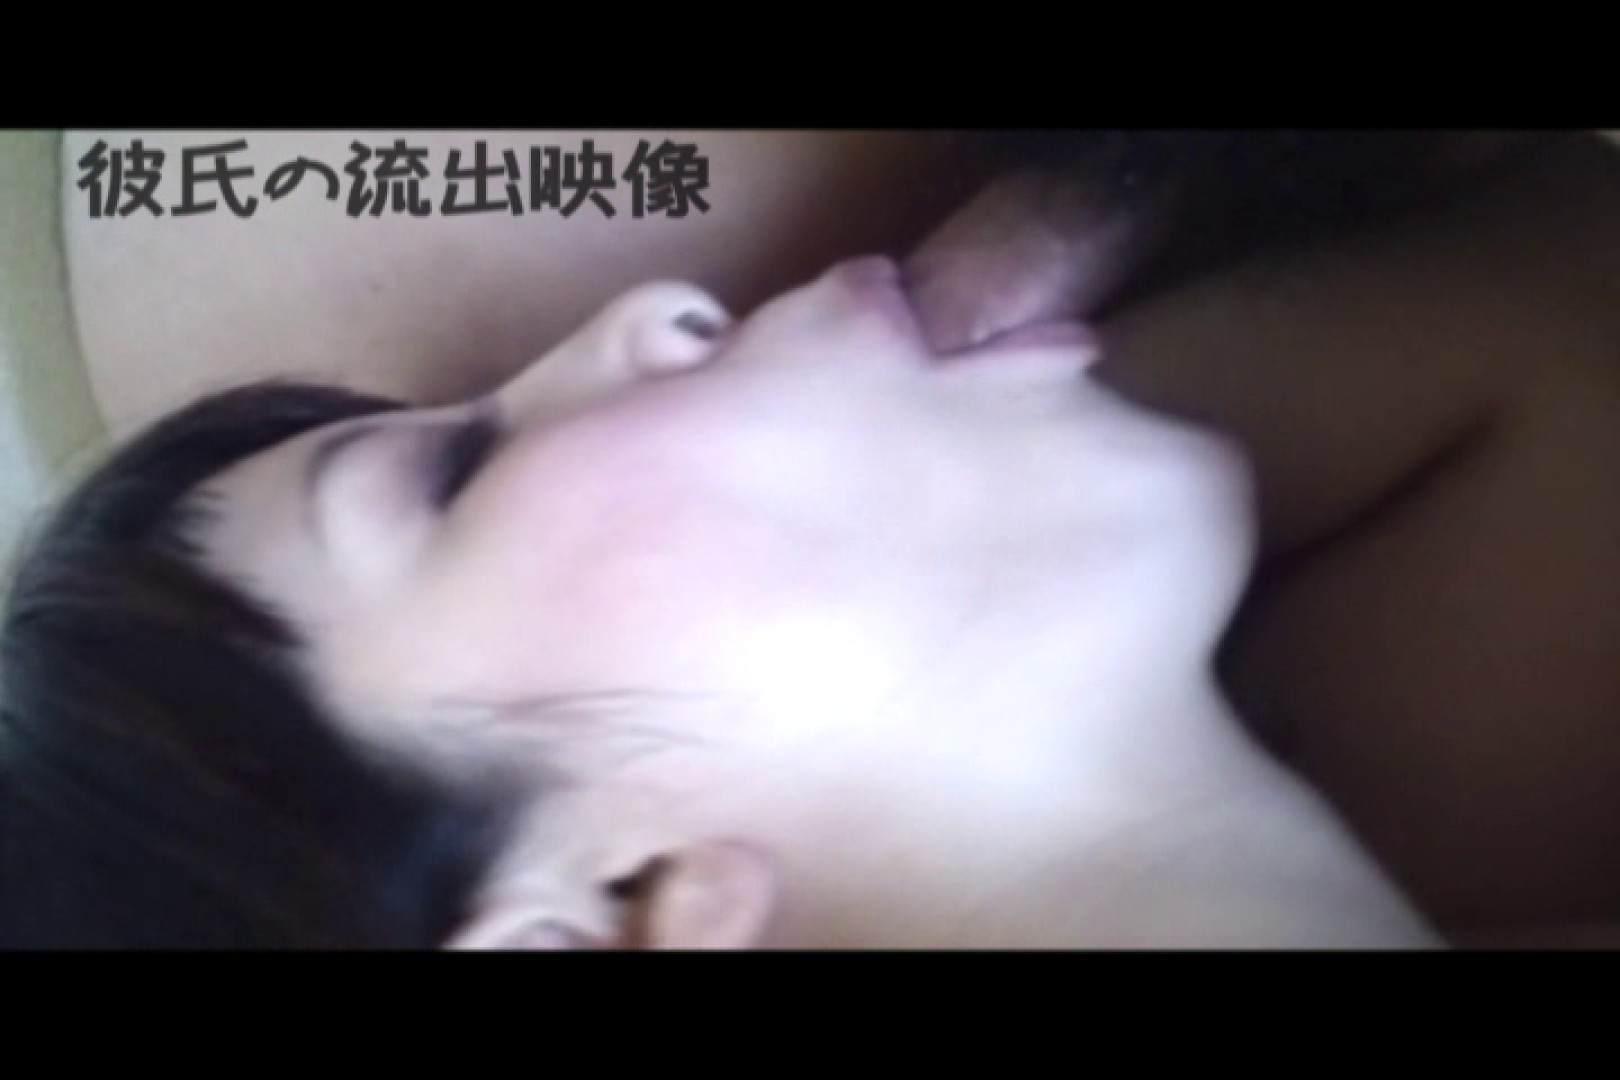 彼氏が流出 パイパン素人嬢のハメ撮り映像03 カップル | 可愛いパイパン  92pic 83